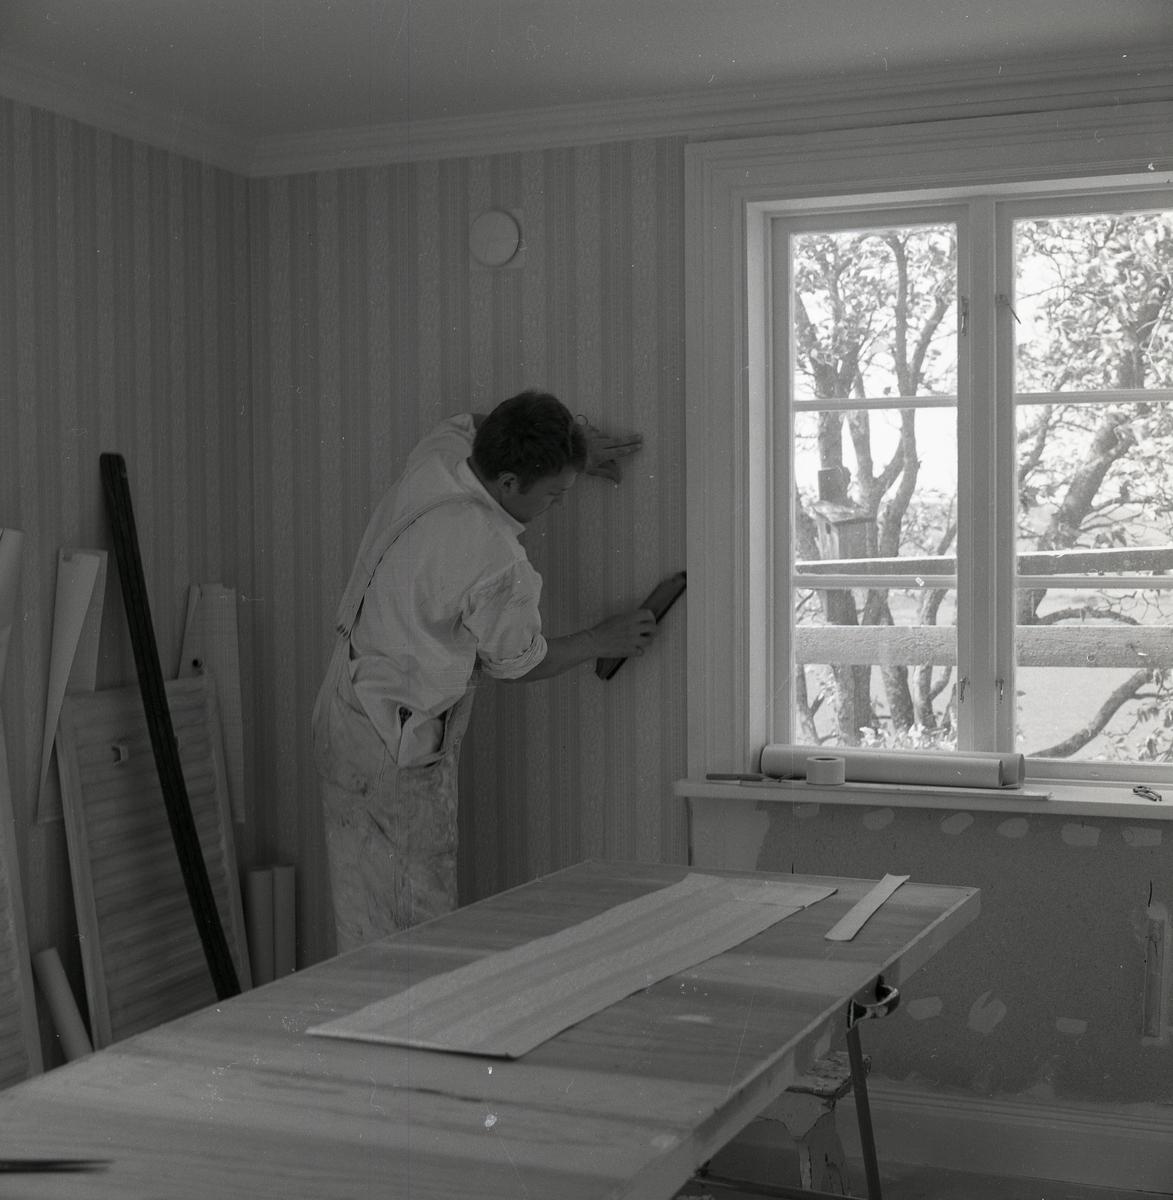 En man tapetserar väggen i ett hus, juni 1968.